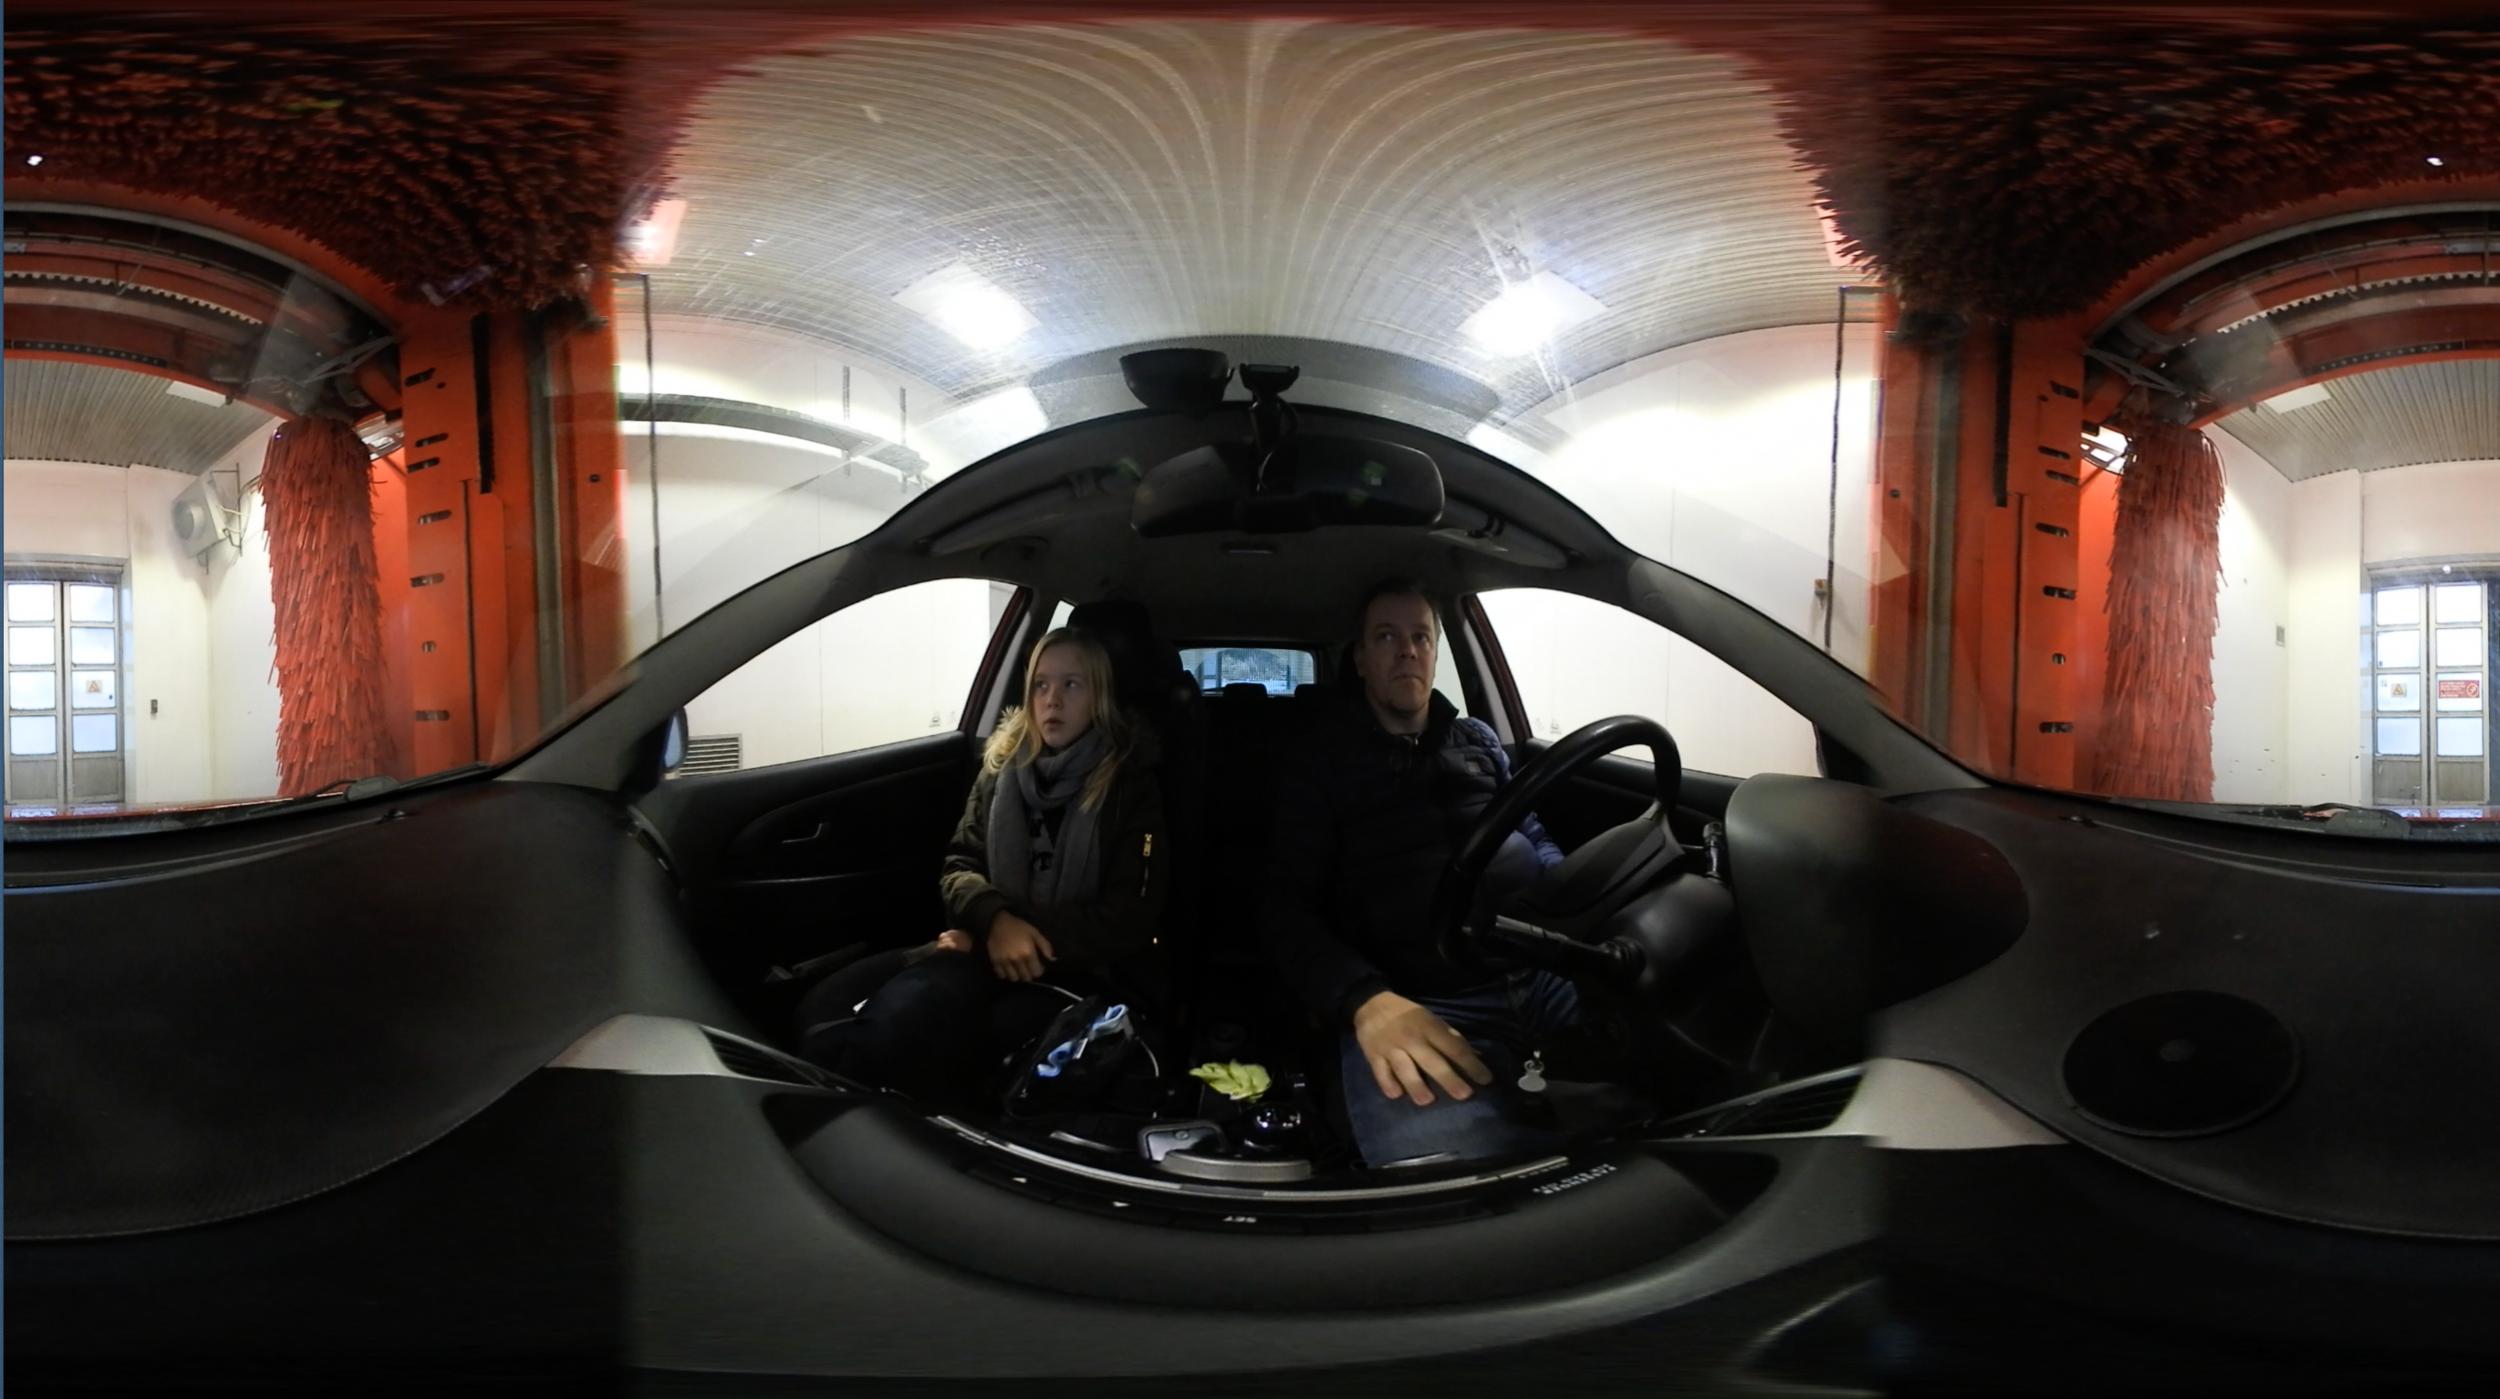 Det mest aktionfyllda äventyr vi gjorde i detta test var att köra in biltvätten med kameran monterad på instrumentbrädan.